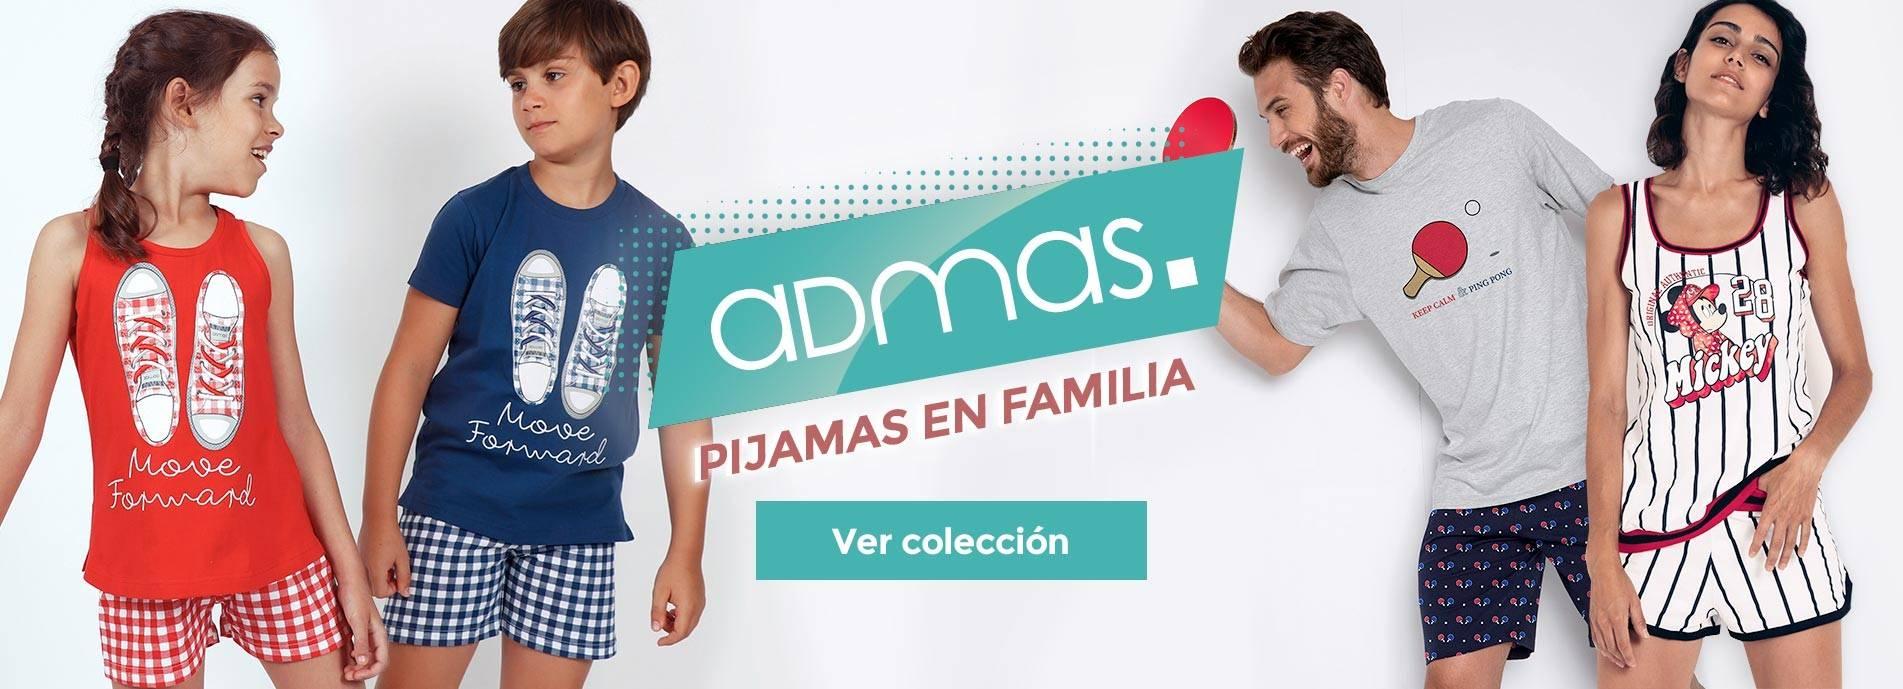 Pijamas en familia de Admas